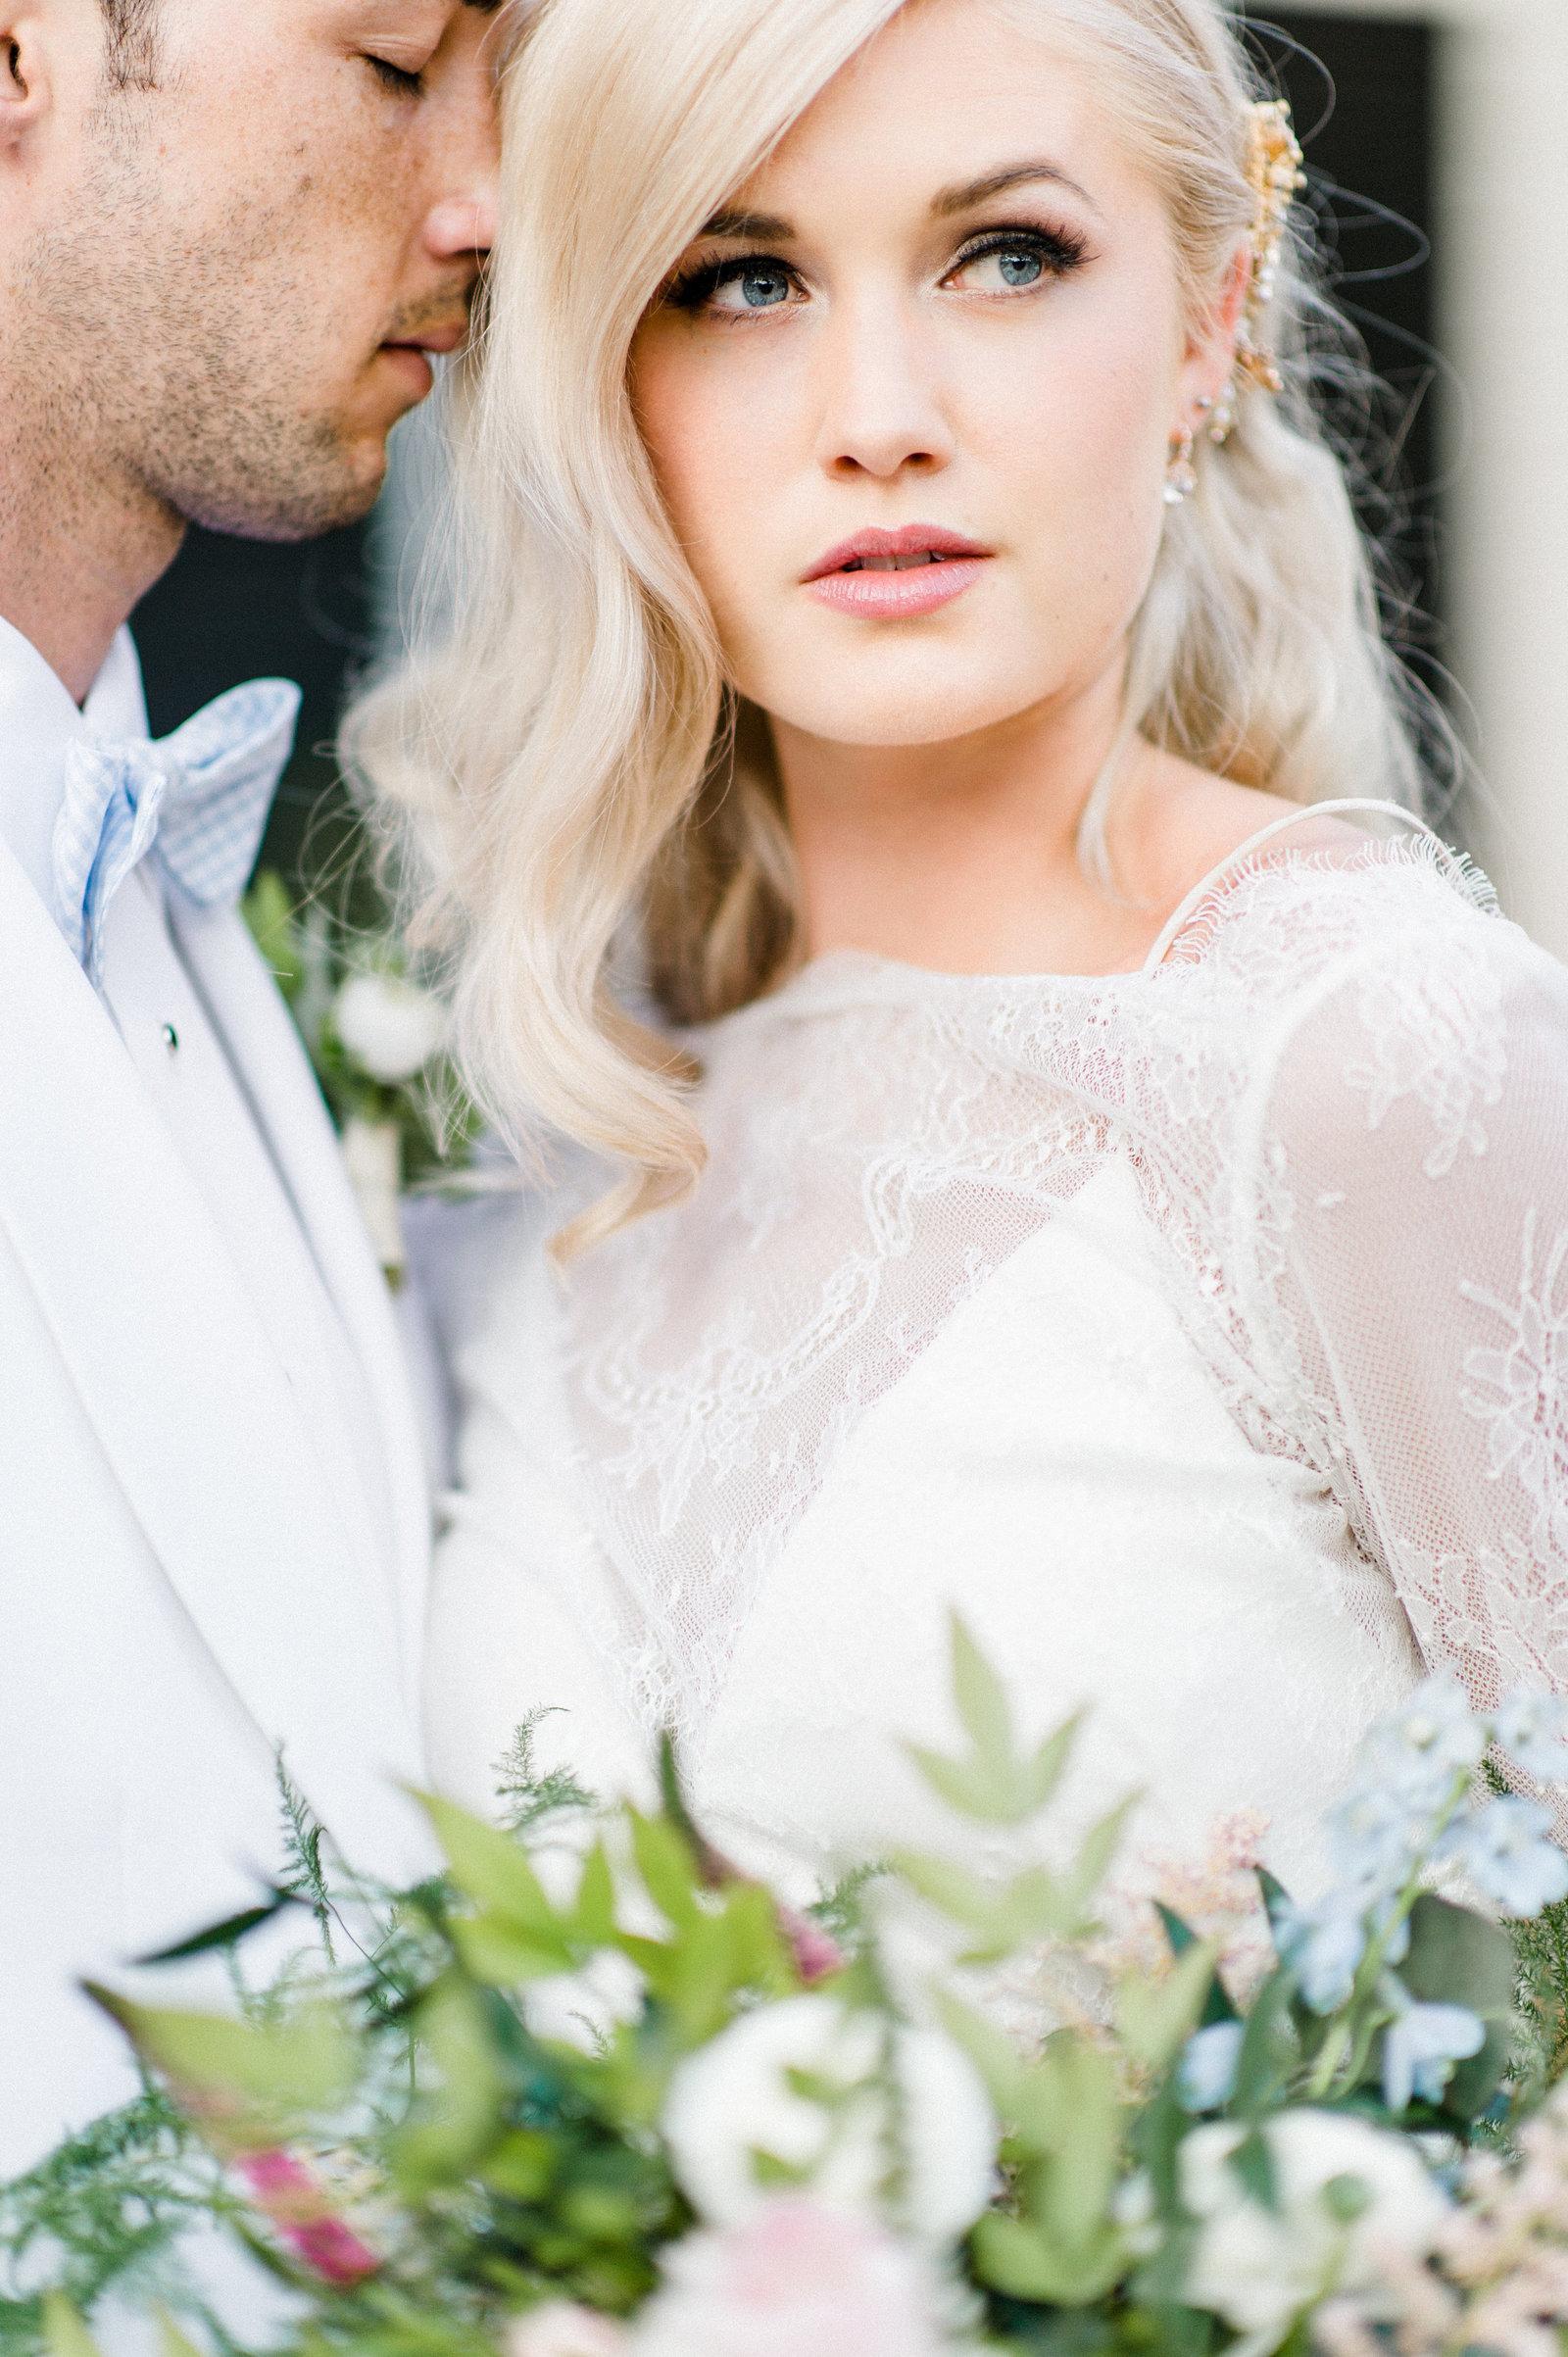 CarolineLimaPhotography_TheSutherland_Editorial_2016_285